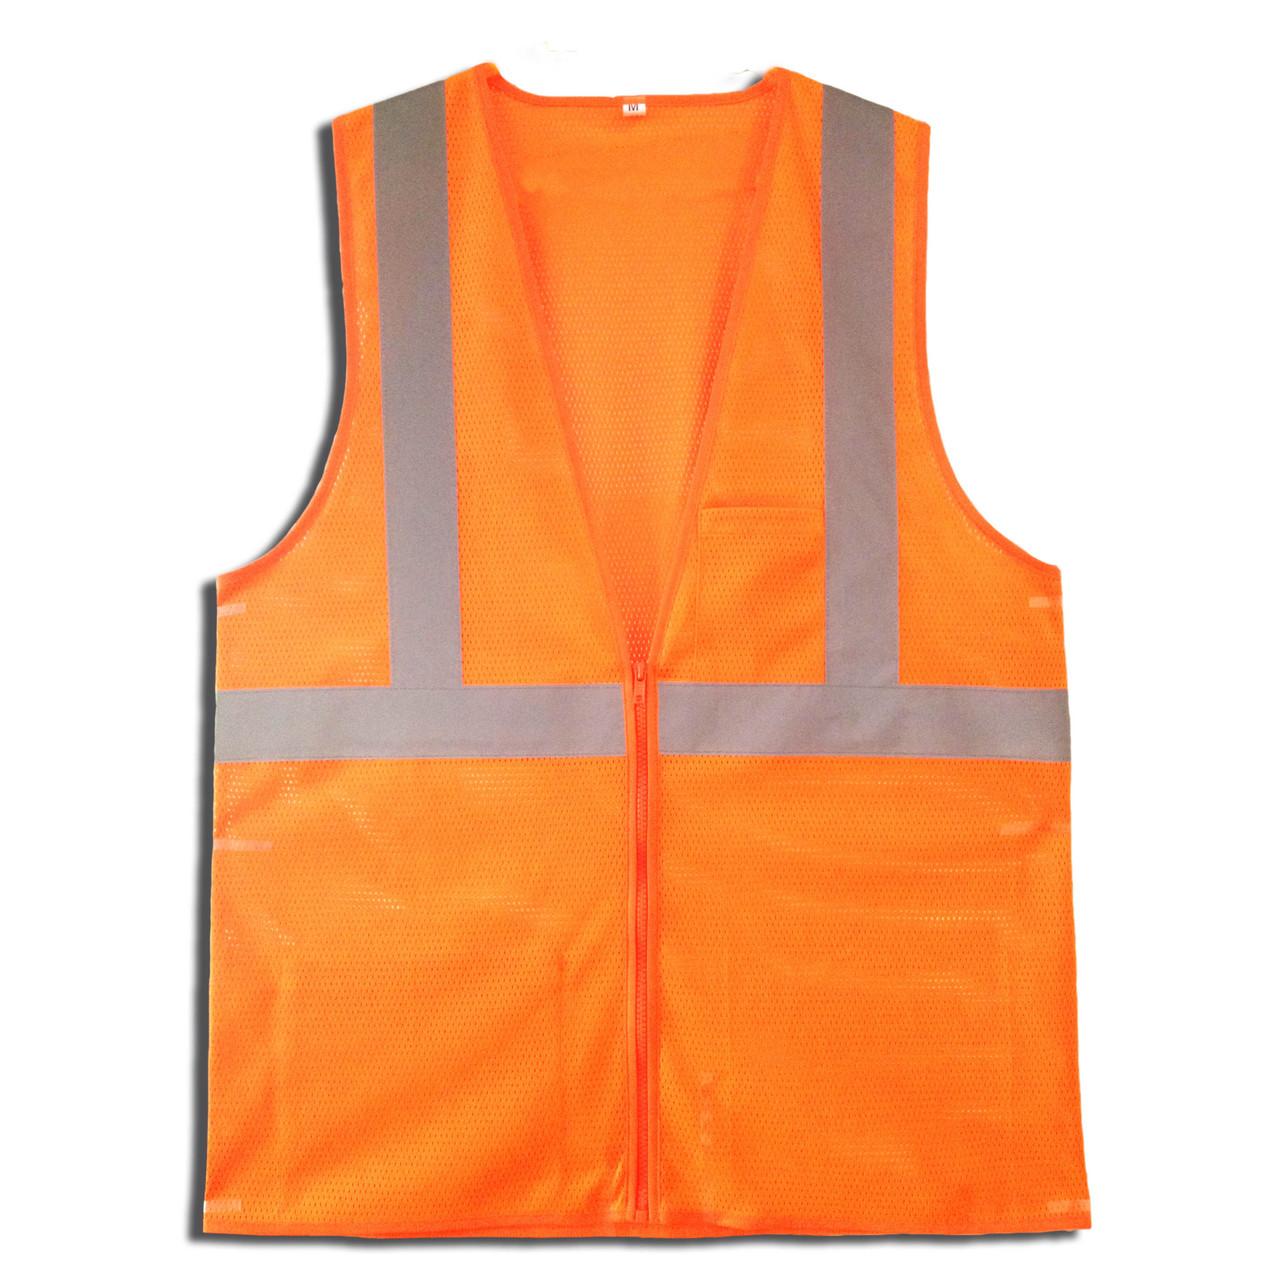 VZ260P: Type R Class 2 Zipper Closure Orange Safety Vest